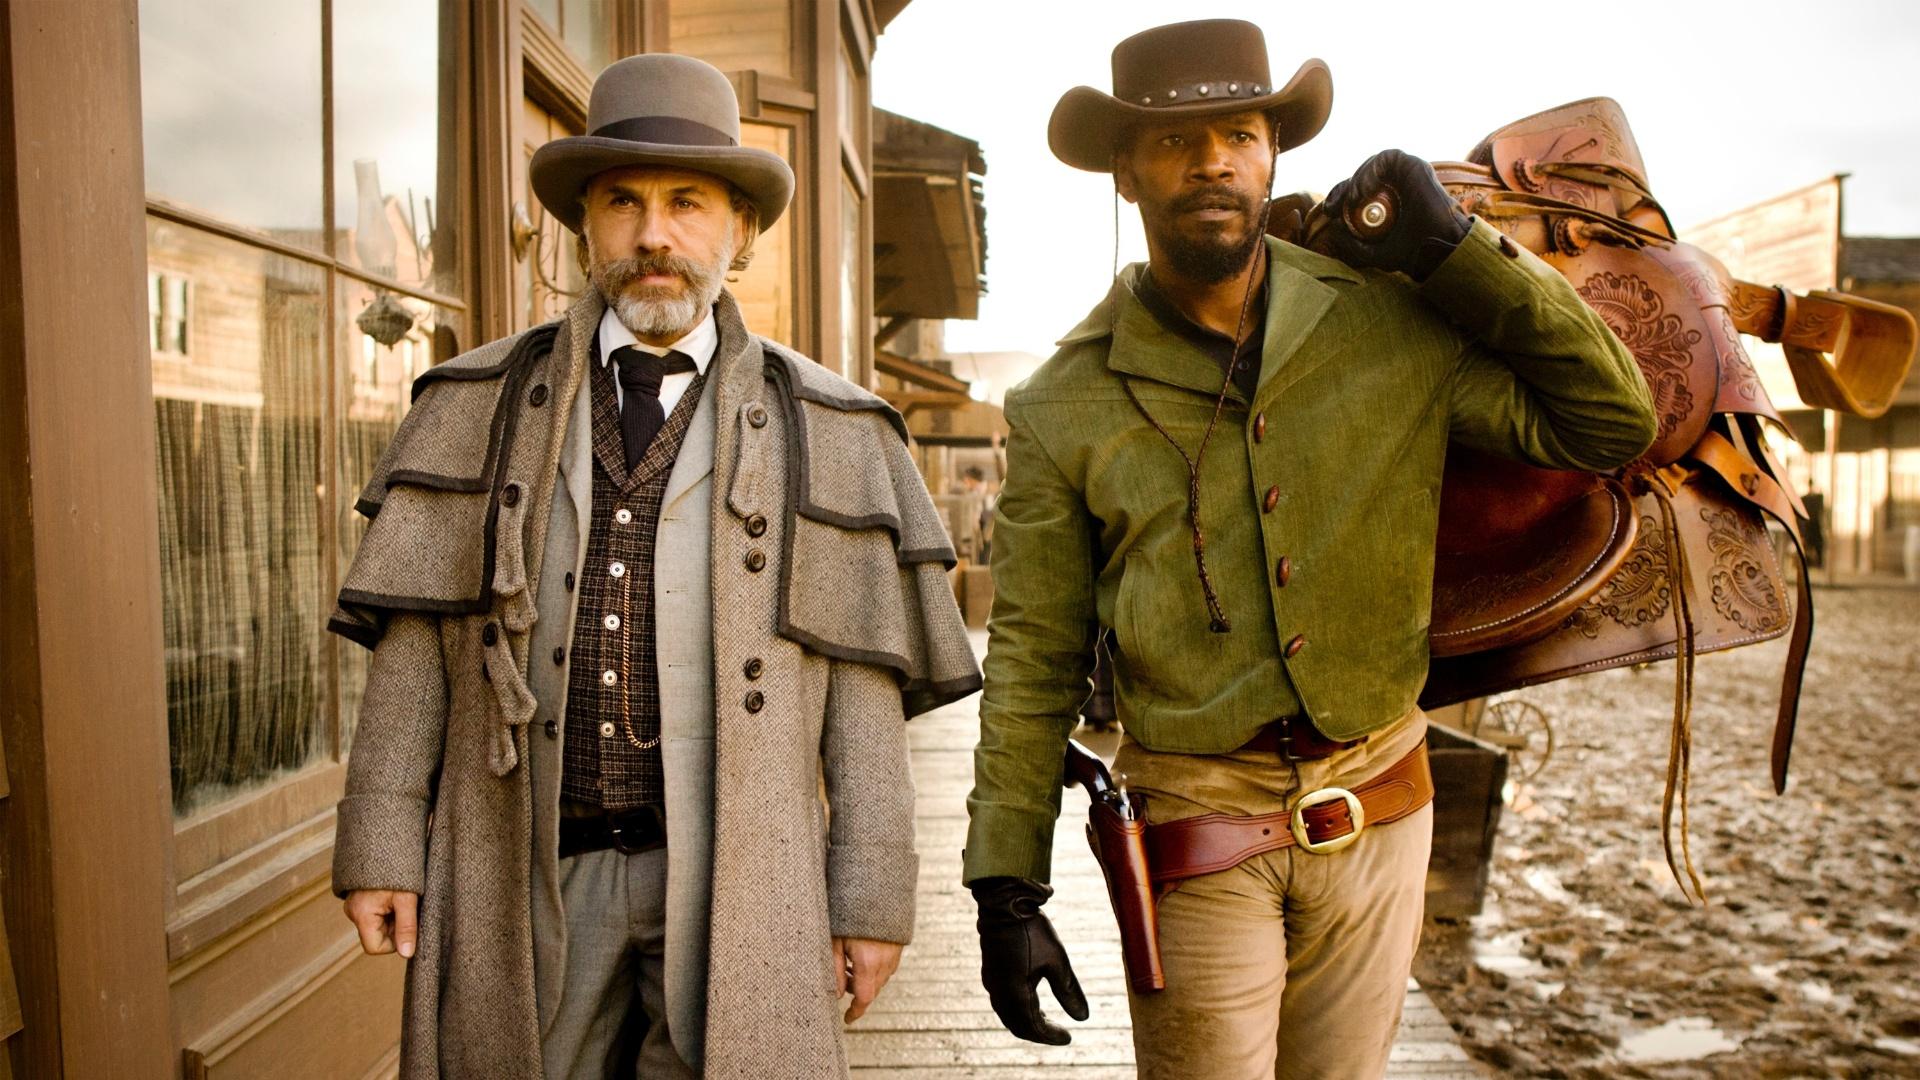 O caçador de recompensas alemão dr. King Schultz (Christoph Waltz) e o escravo Django (Jamie Foxx) em cena de